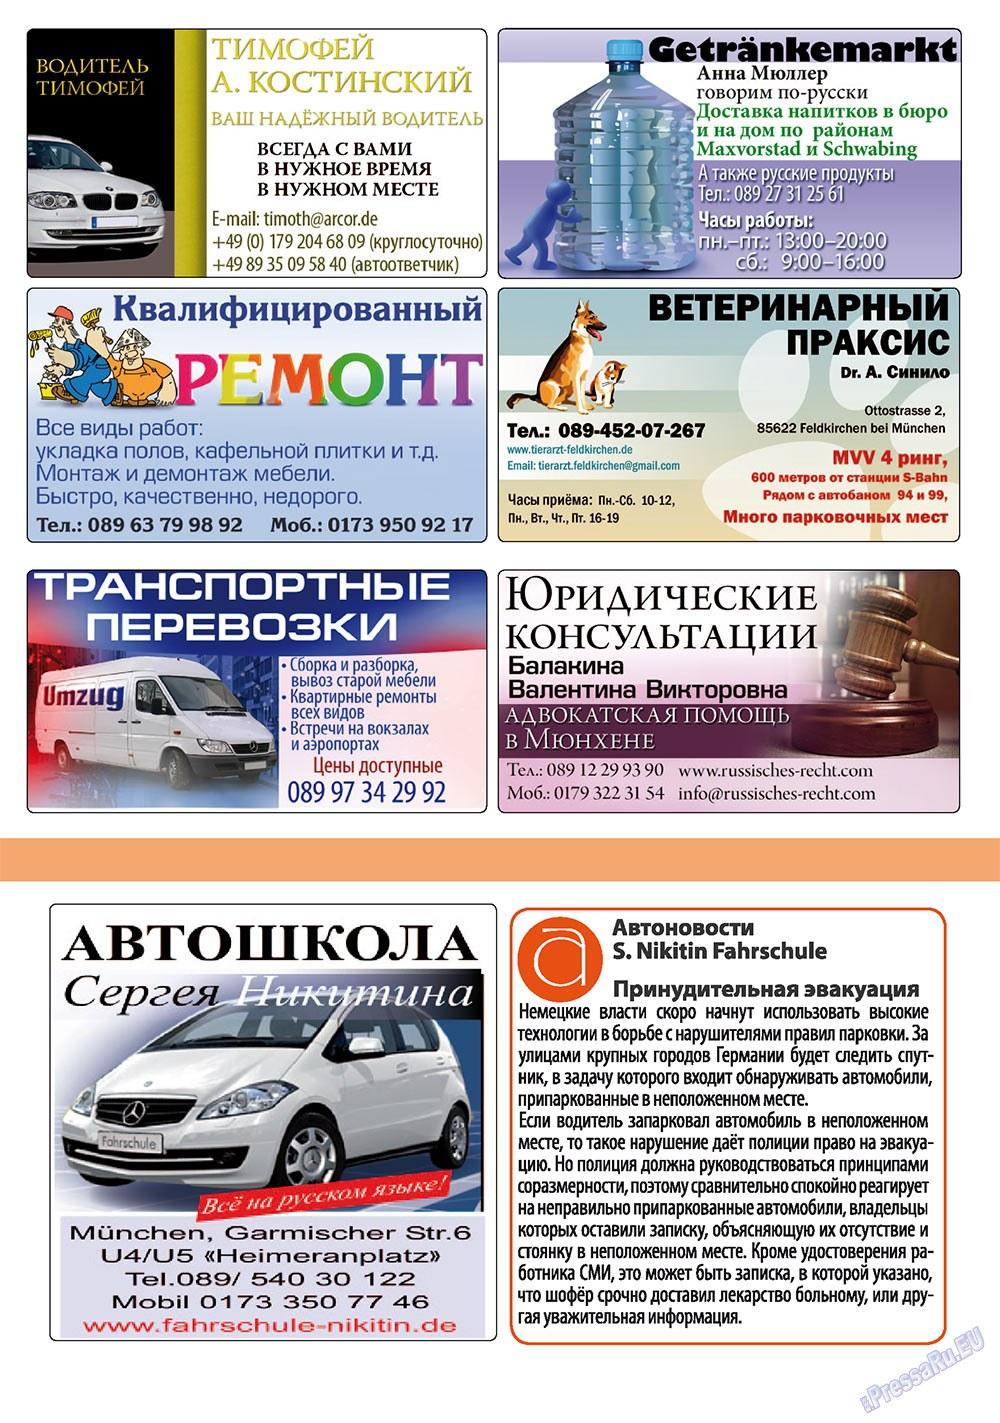 Апельсин (журнал). 2010 год, номер 10, стр. 24